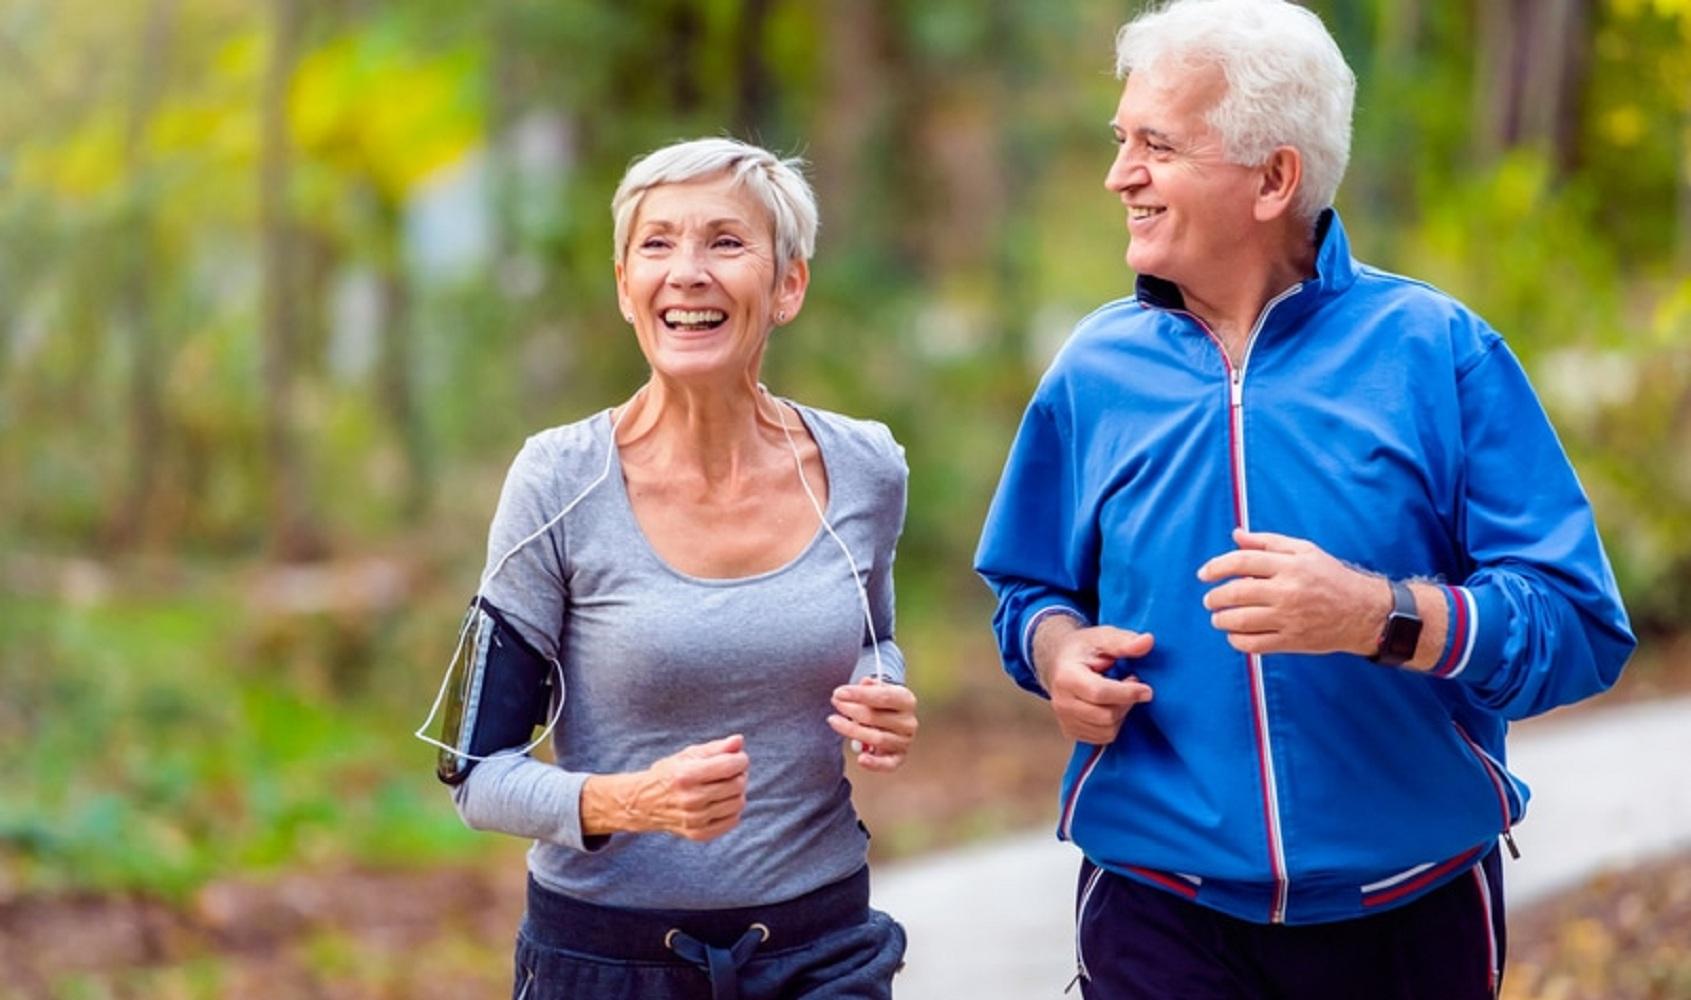 magas vérnyomás hogyan lehet megszabadulni magas vérnyomás elleni vérnyomáscsökkentő terápia